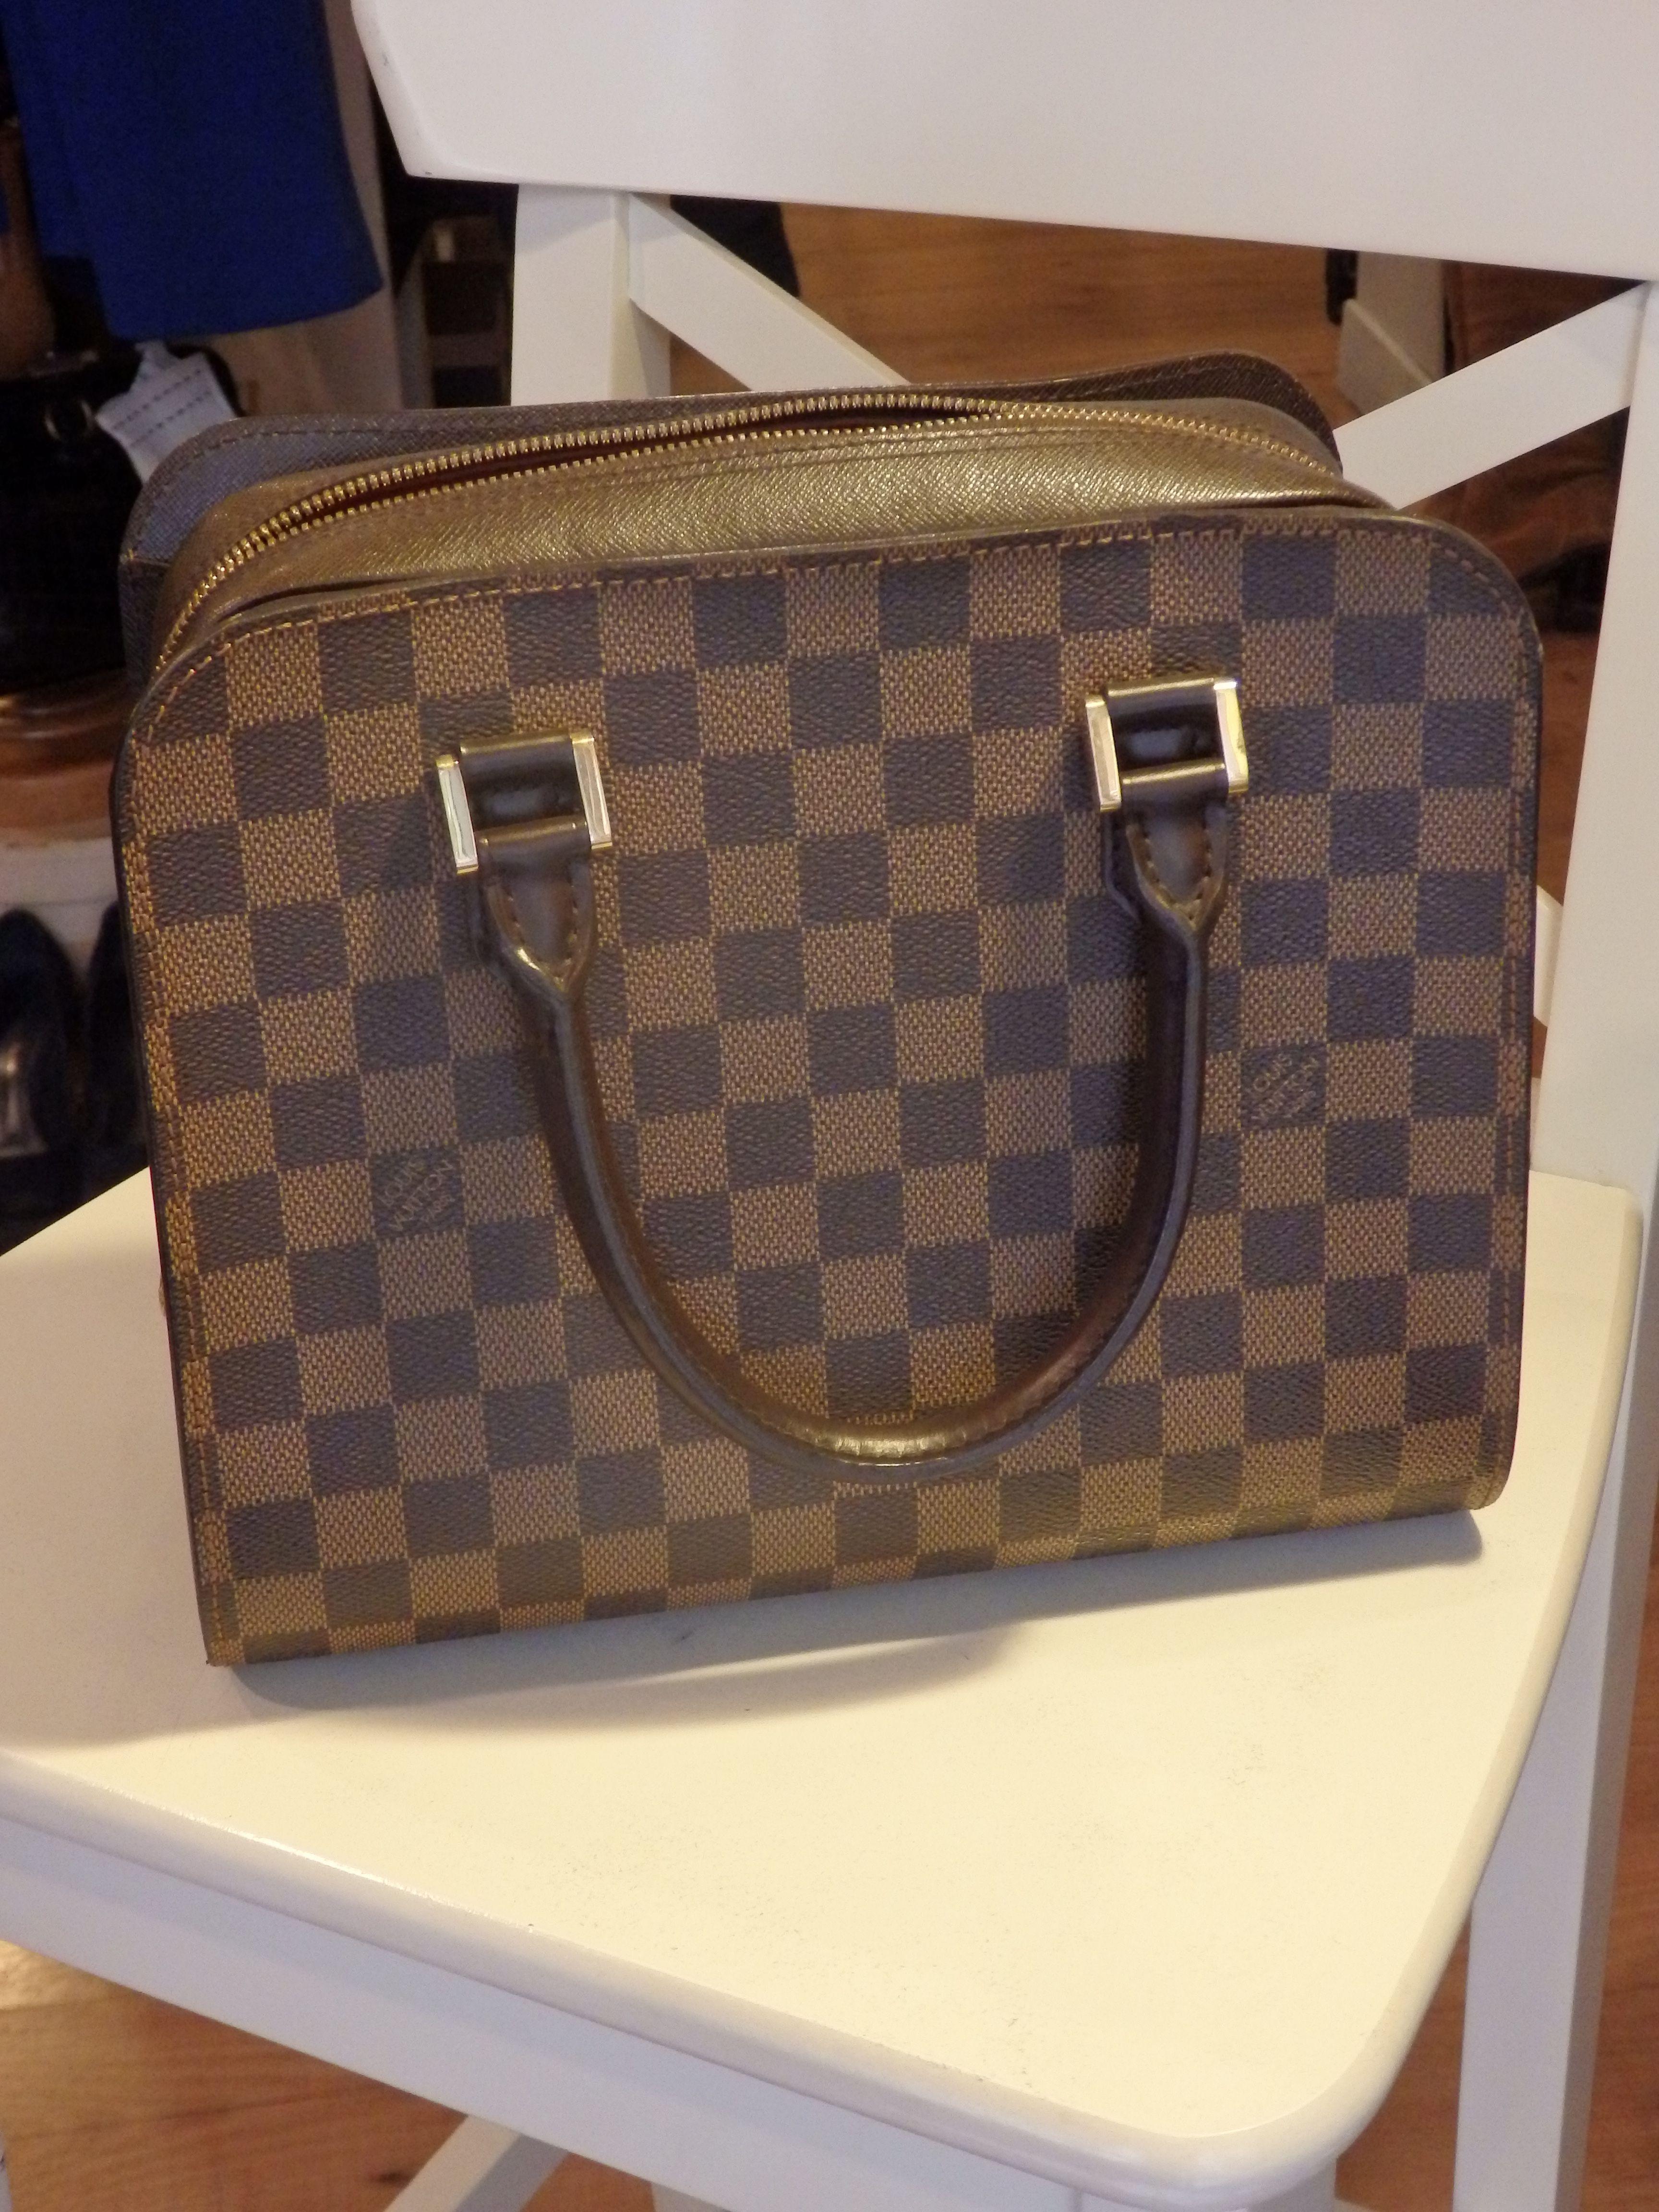 0999f80a2 Bolso Louis Vuitton de mano con su tradicional estampado en cuadros  marrones y beige. Este